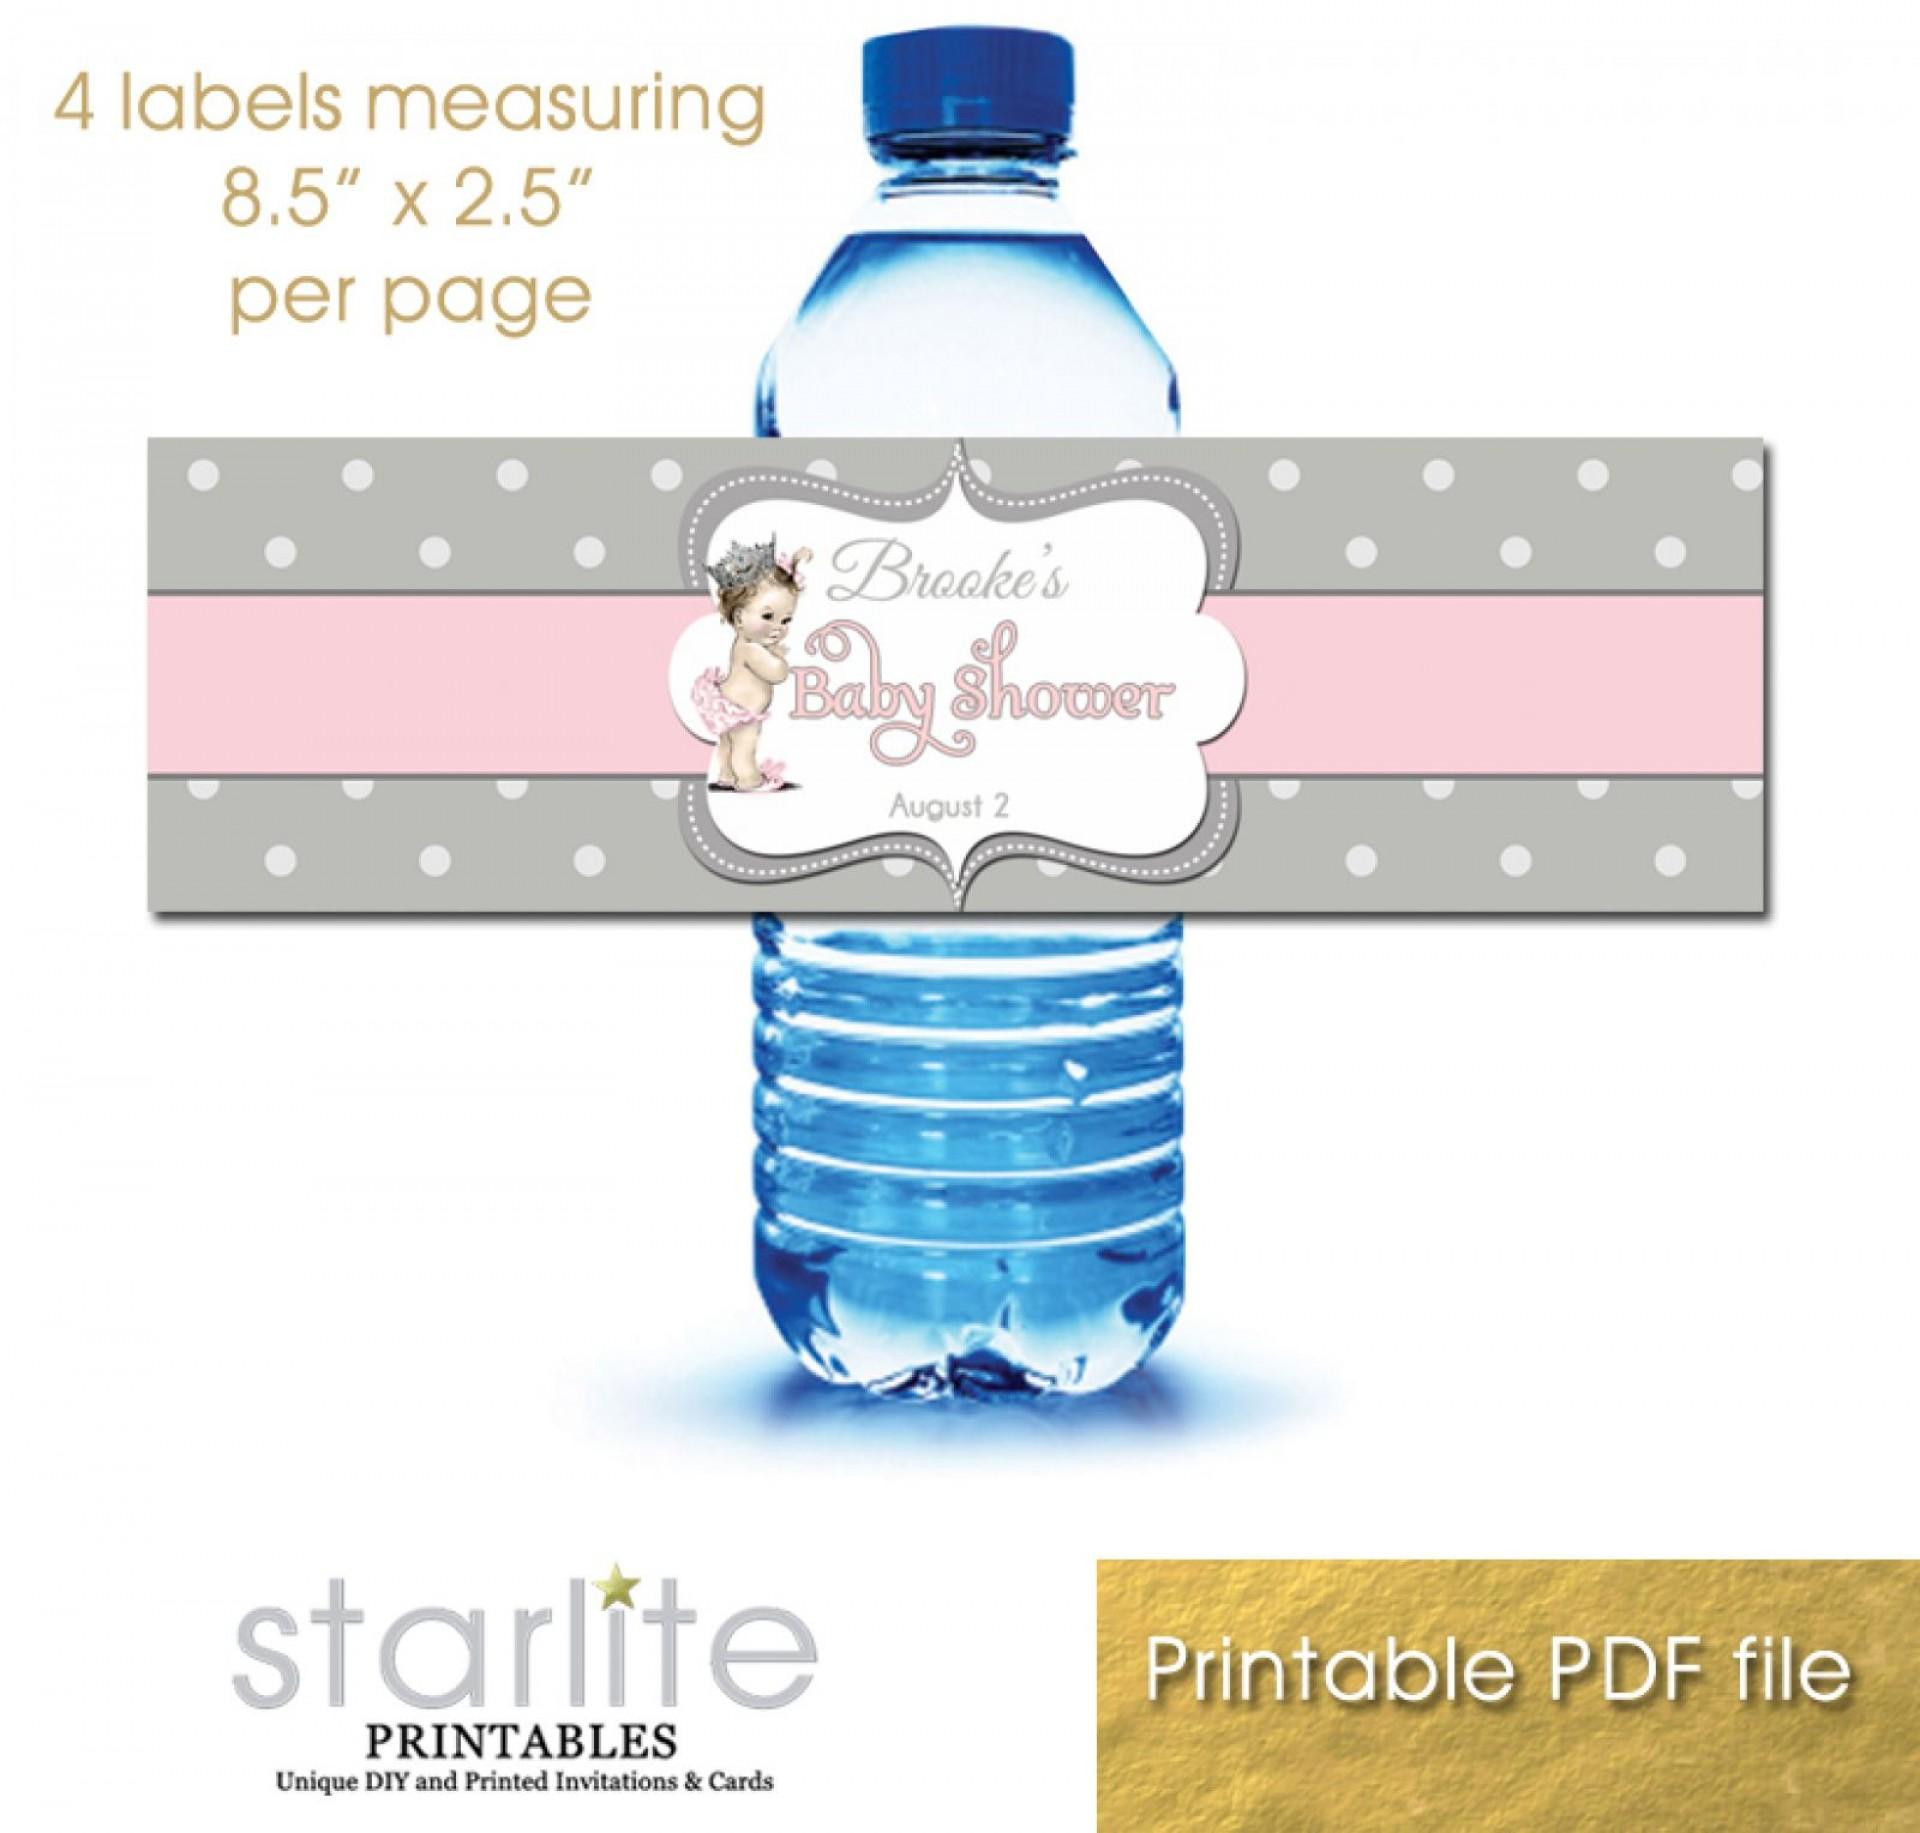 009 Striking Diy Water Bottle Label Template Free Image 1920